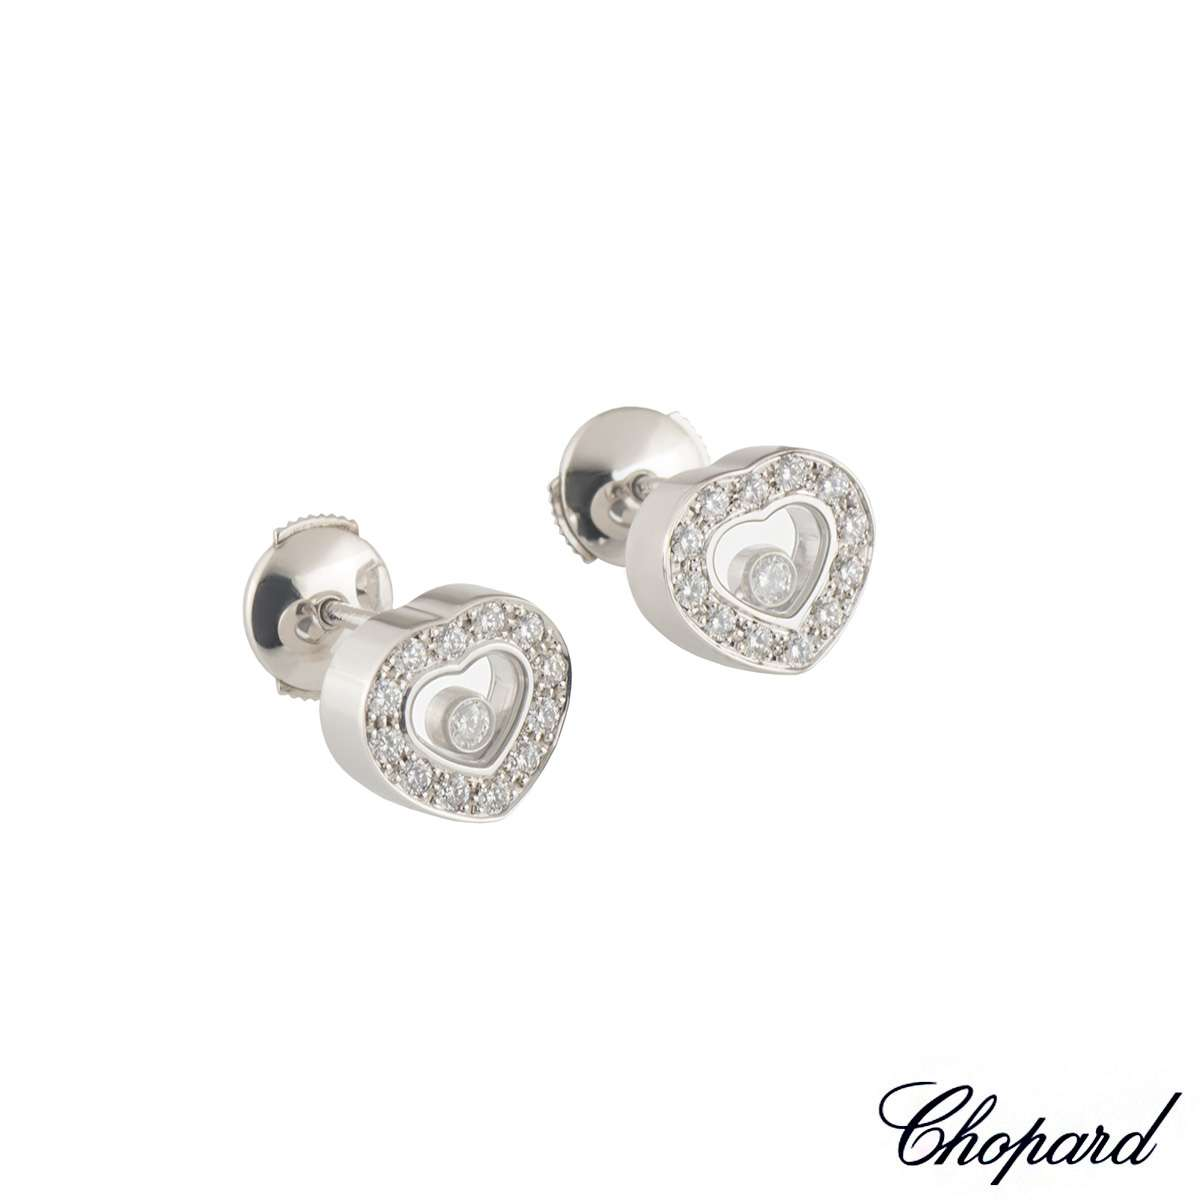 Chopard White Gold Happy Diamonds Earrings 83/2936-20